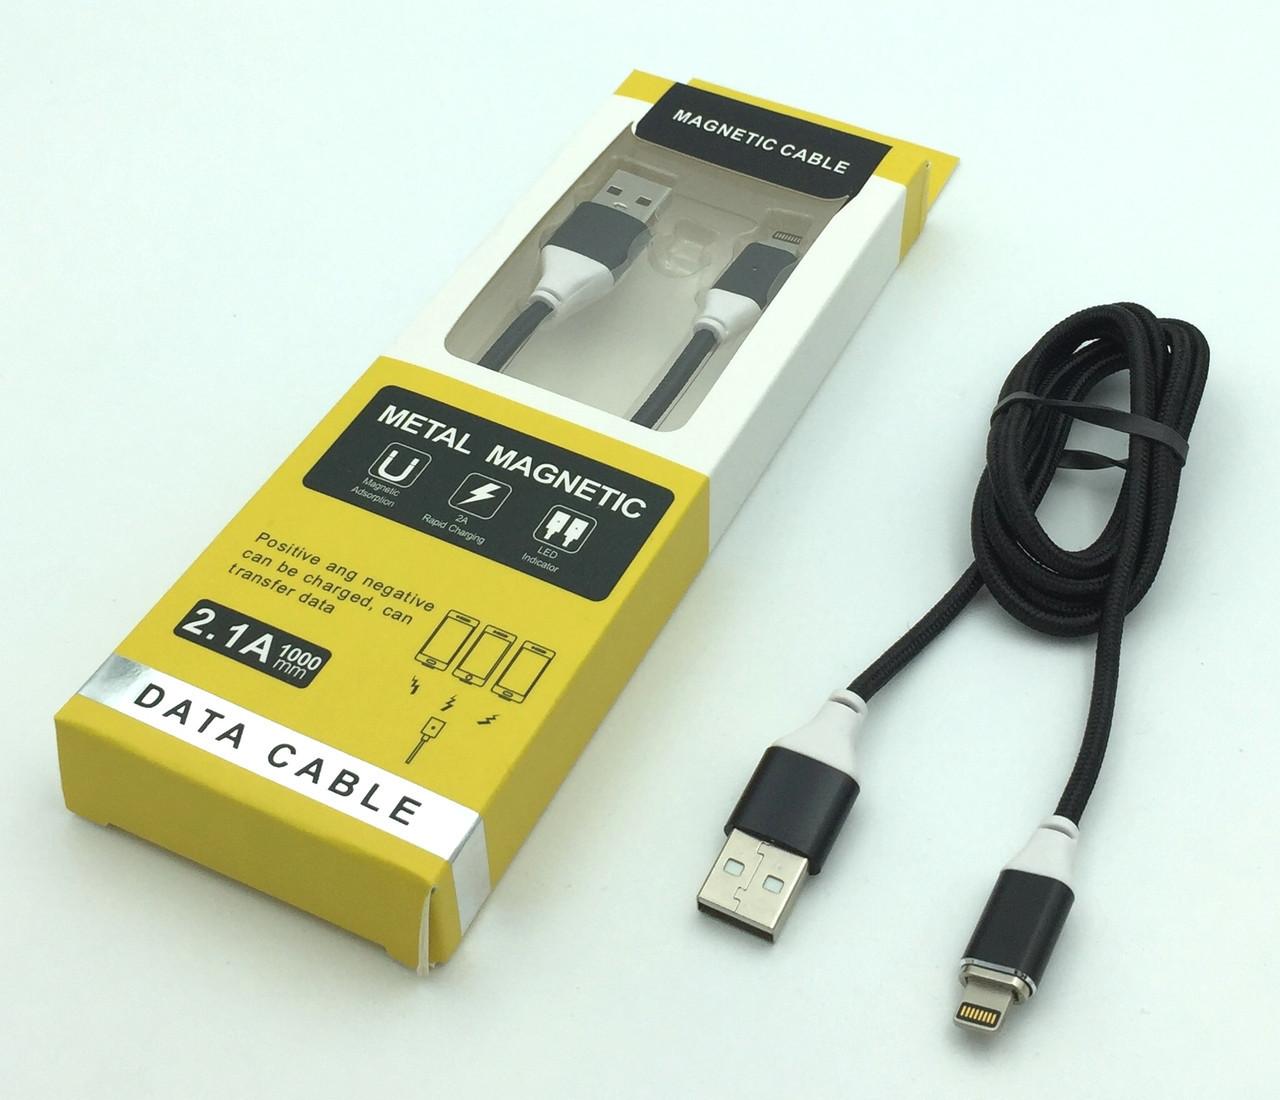 Магнитный дата кабель Metal Magnetic 2.1A Lightning для iPhone Black